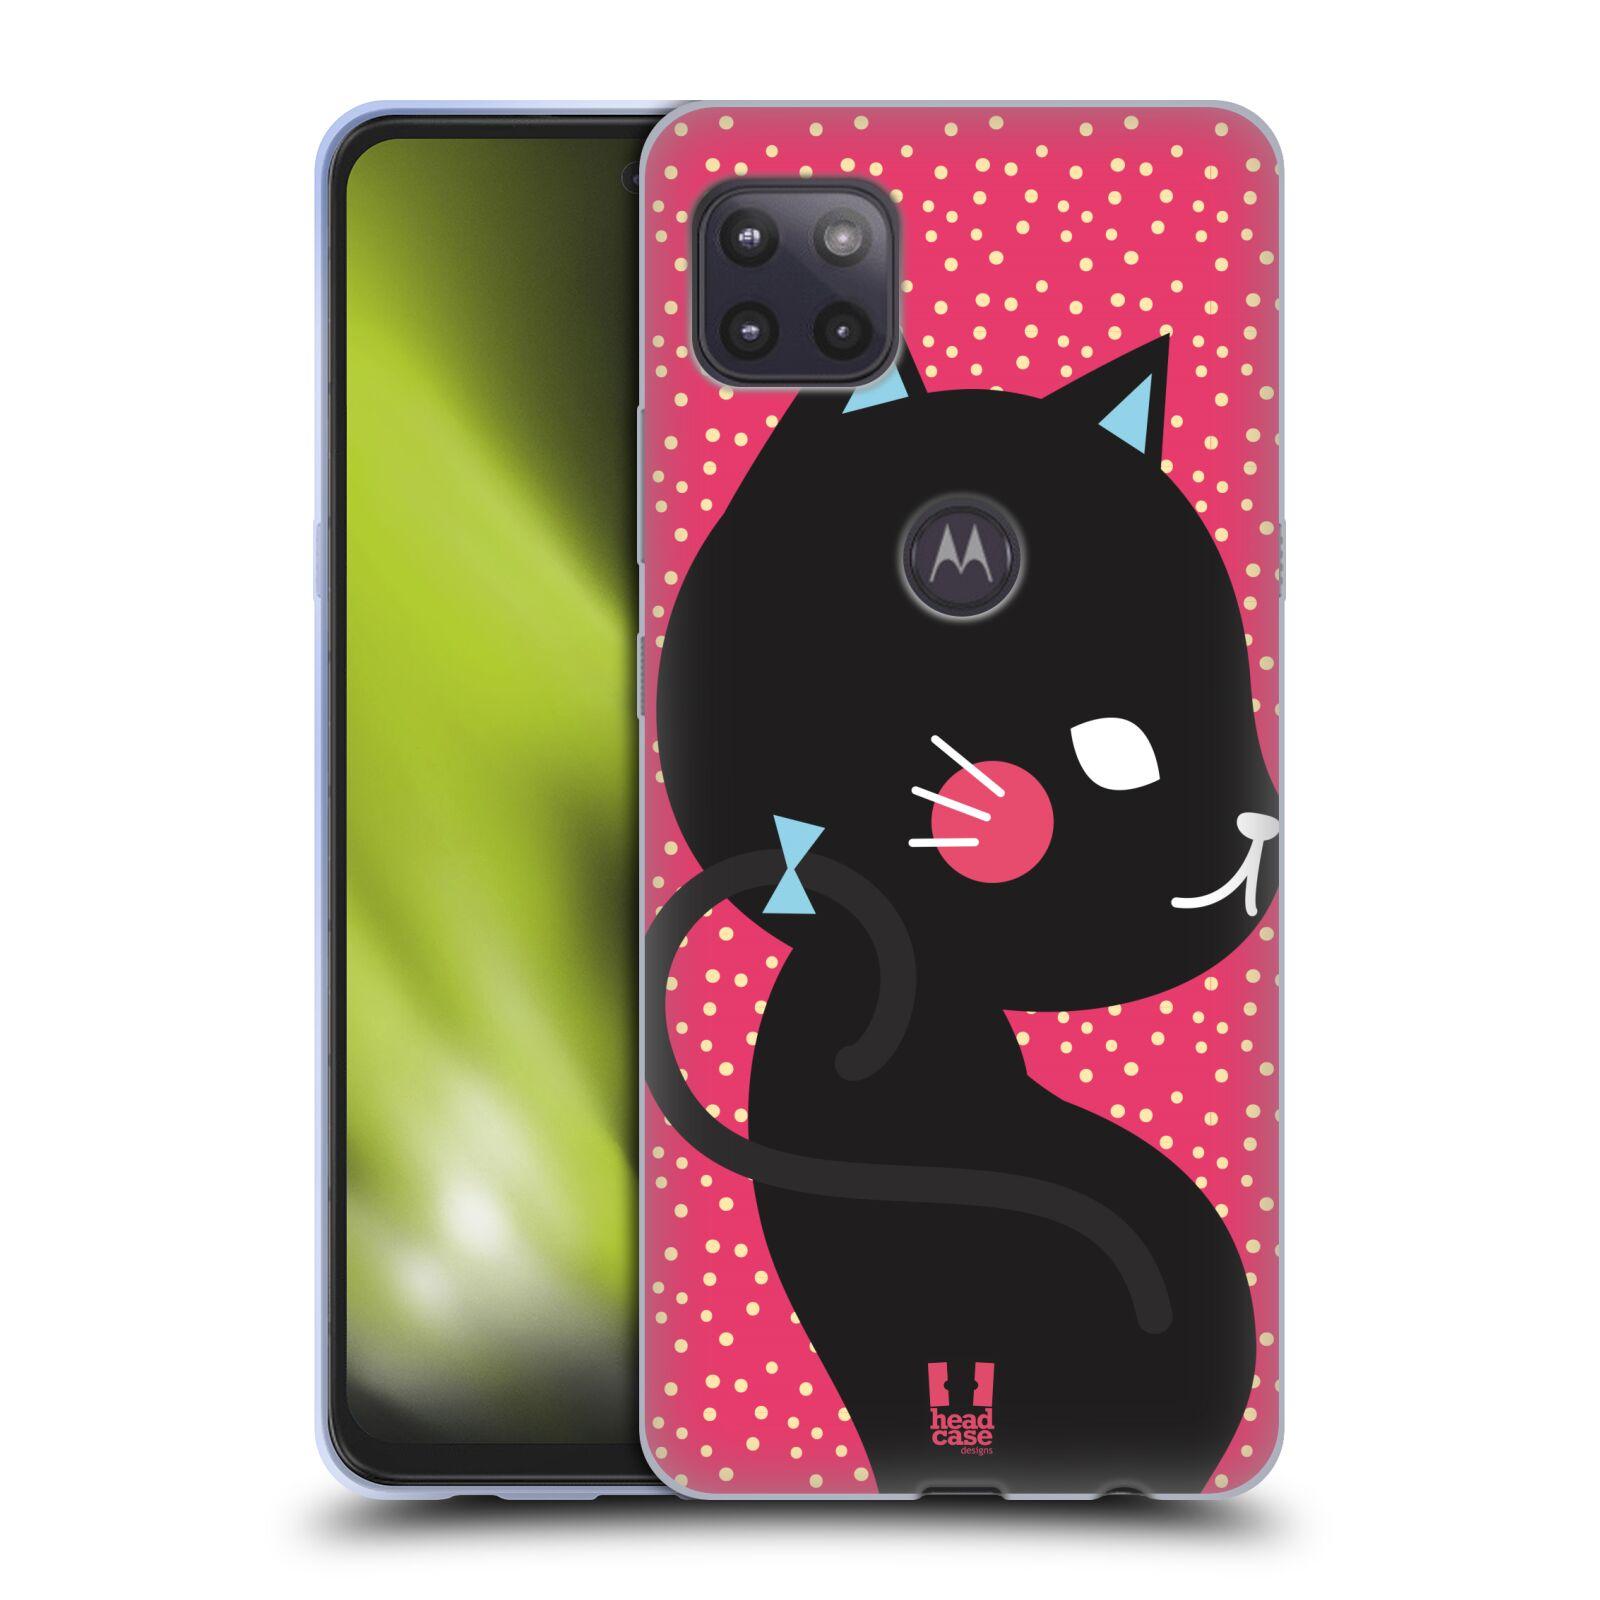 Silikonové pouzdro na mobil Motorola Moto G 5G - Head Case - KOČIČKA Černá NA RŮŽOVÉ